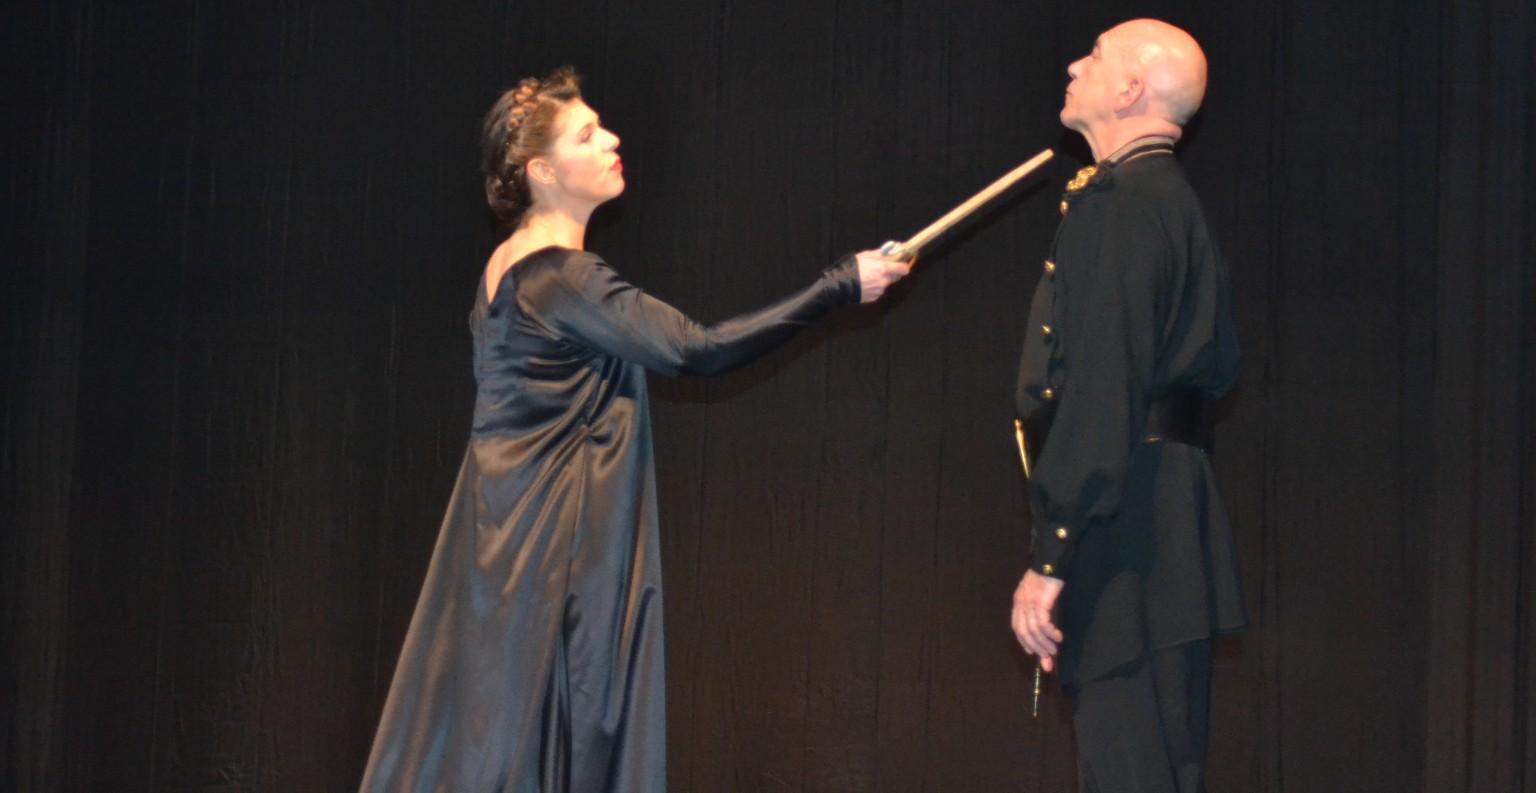 Macbeth et Lady Macbeth dans la scène du poignard scellent leur macabre destin. ©MD